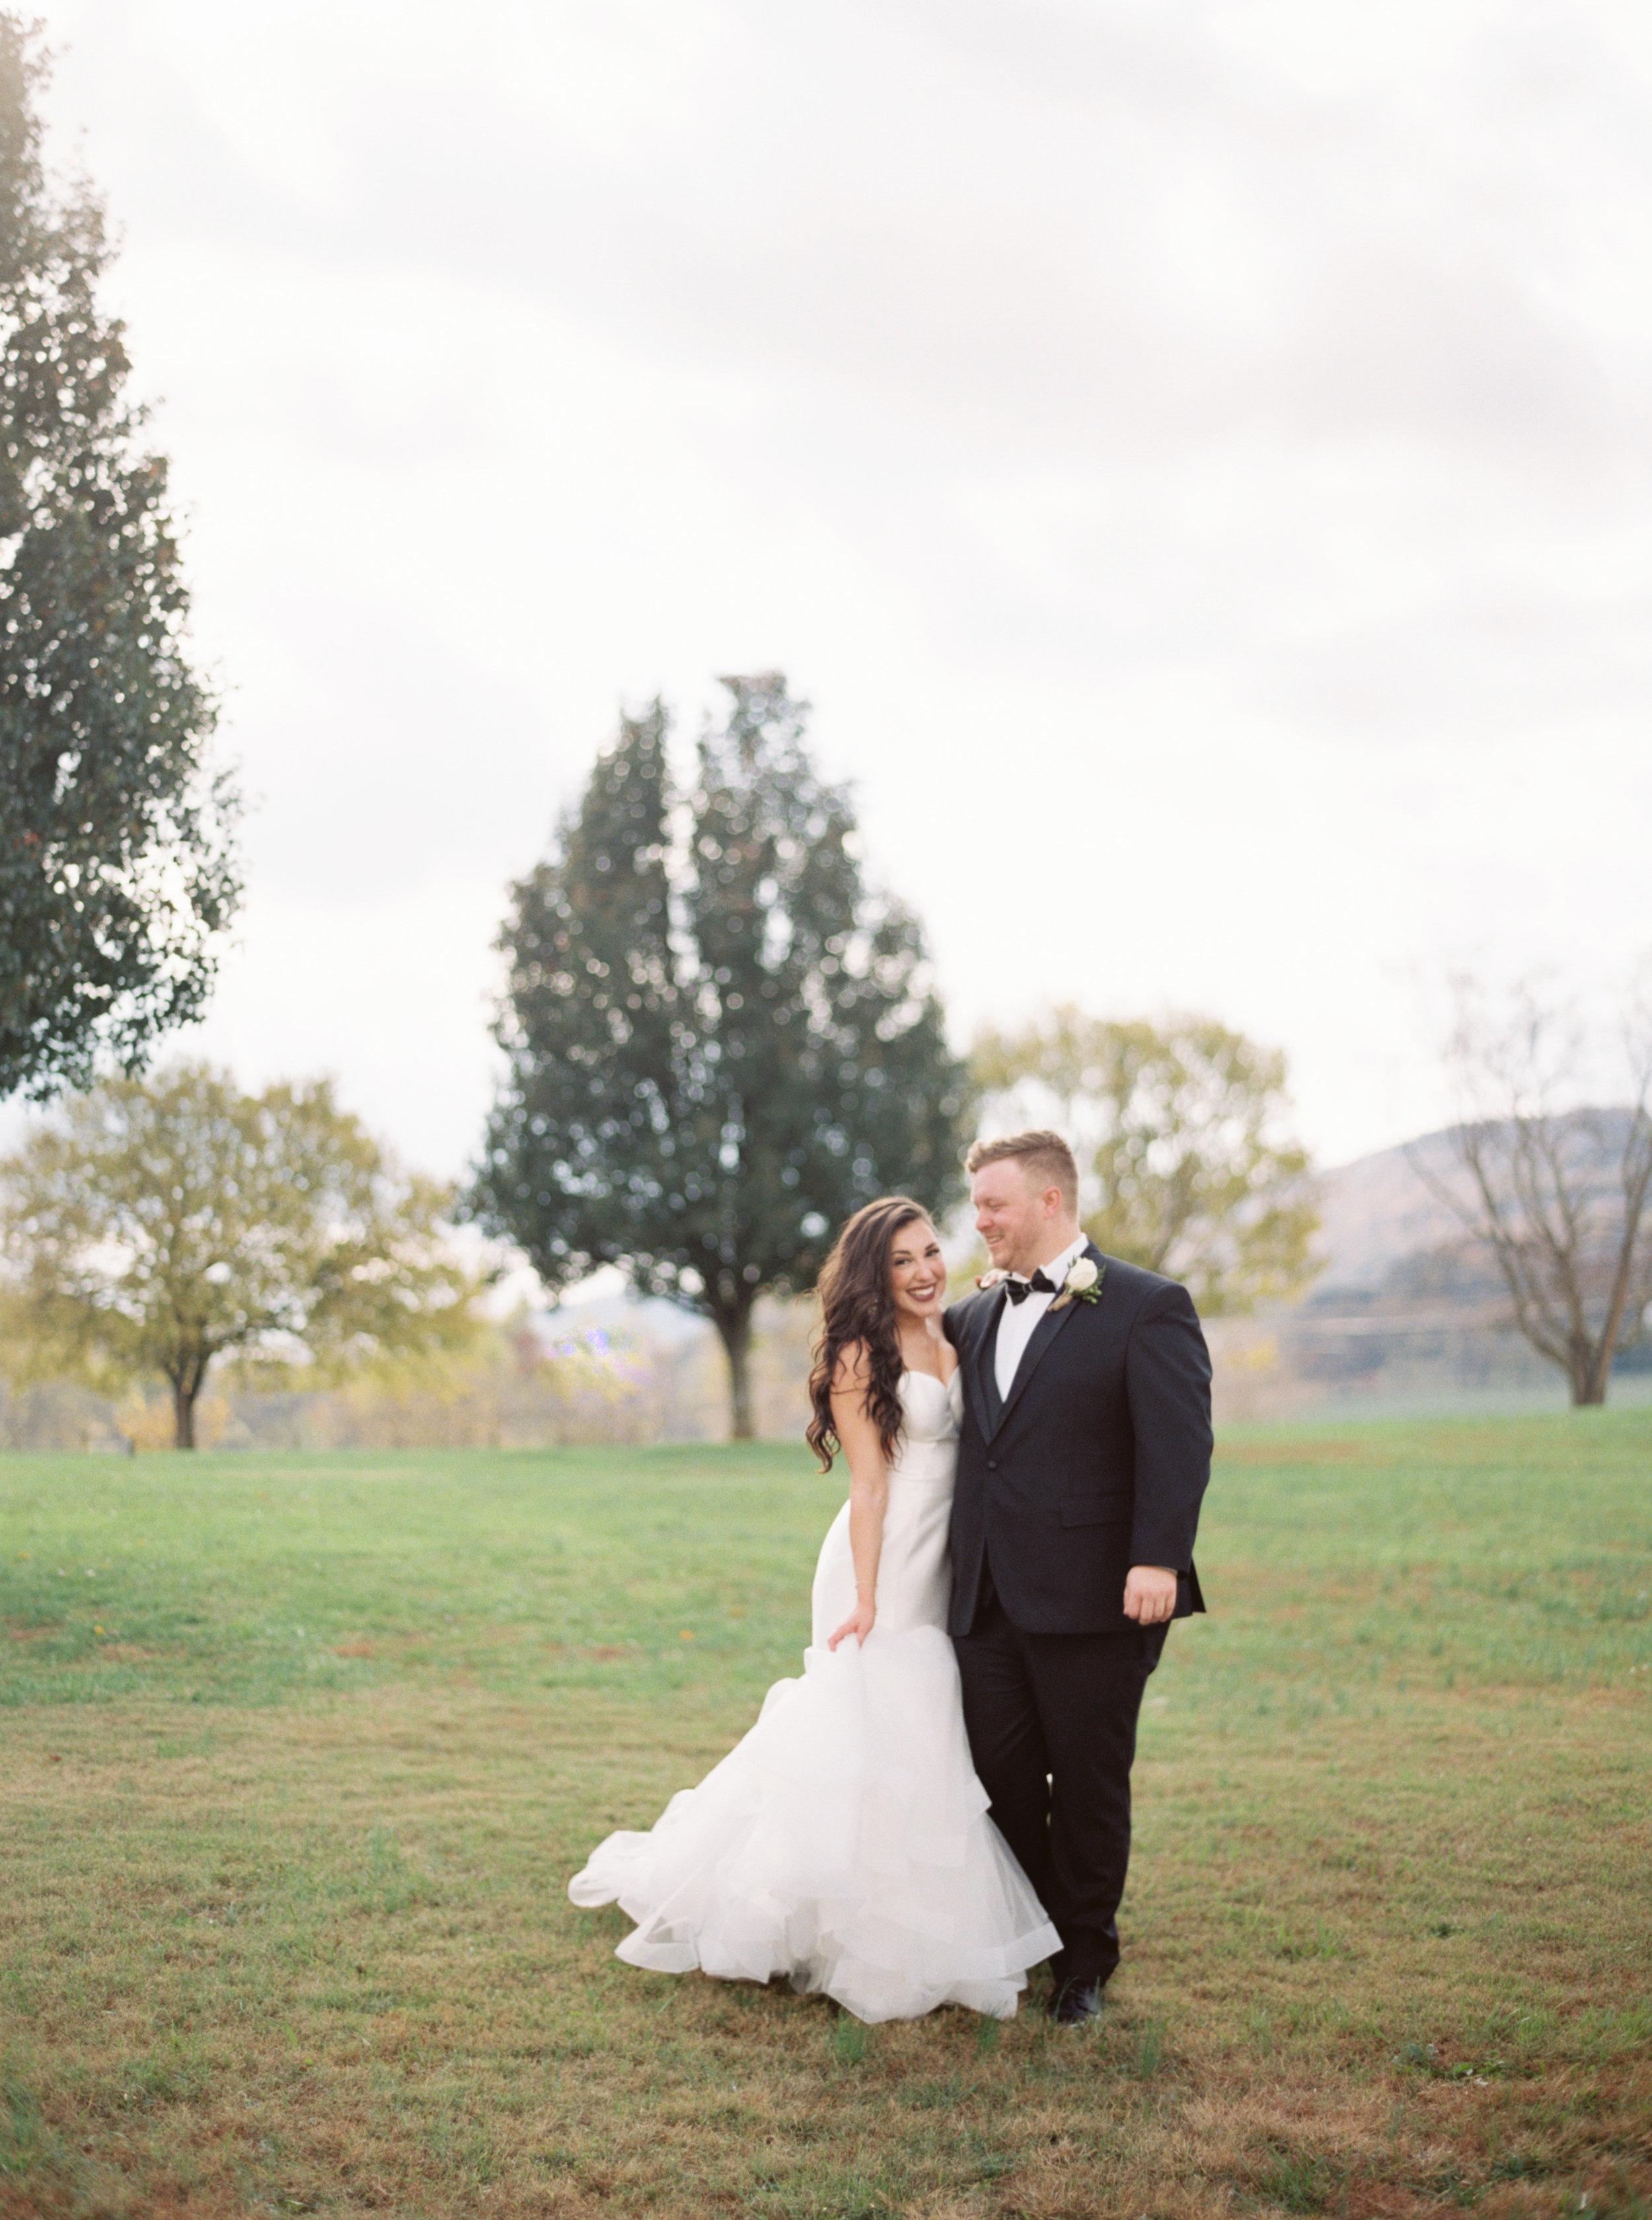 Chattanooga Wedding Photographer, Film Wedding photographer in Chattanooga, Film Wedding photographer in Tennessee, Birmingham Film Wedding Photographer, Meghan Murphy Photography, Fine Art Chattanoog Wedding Photographer